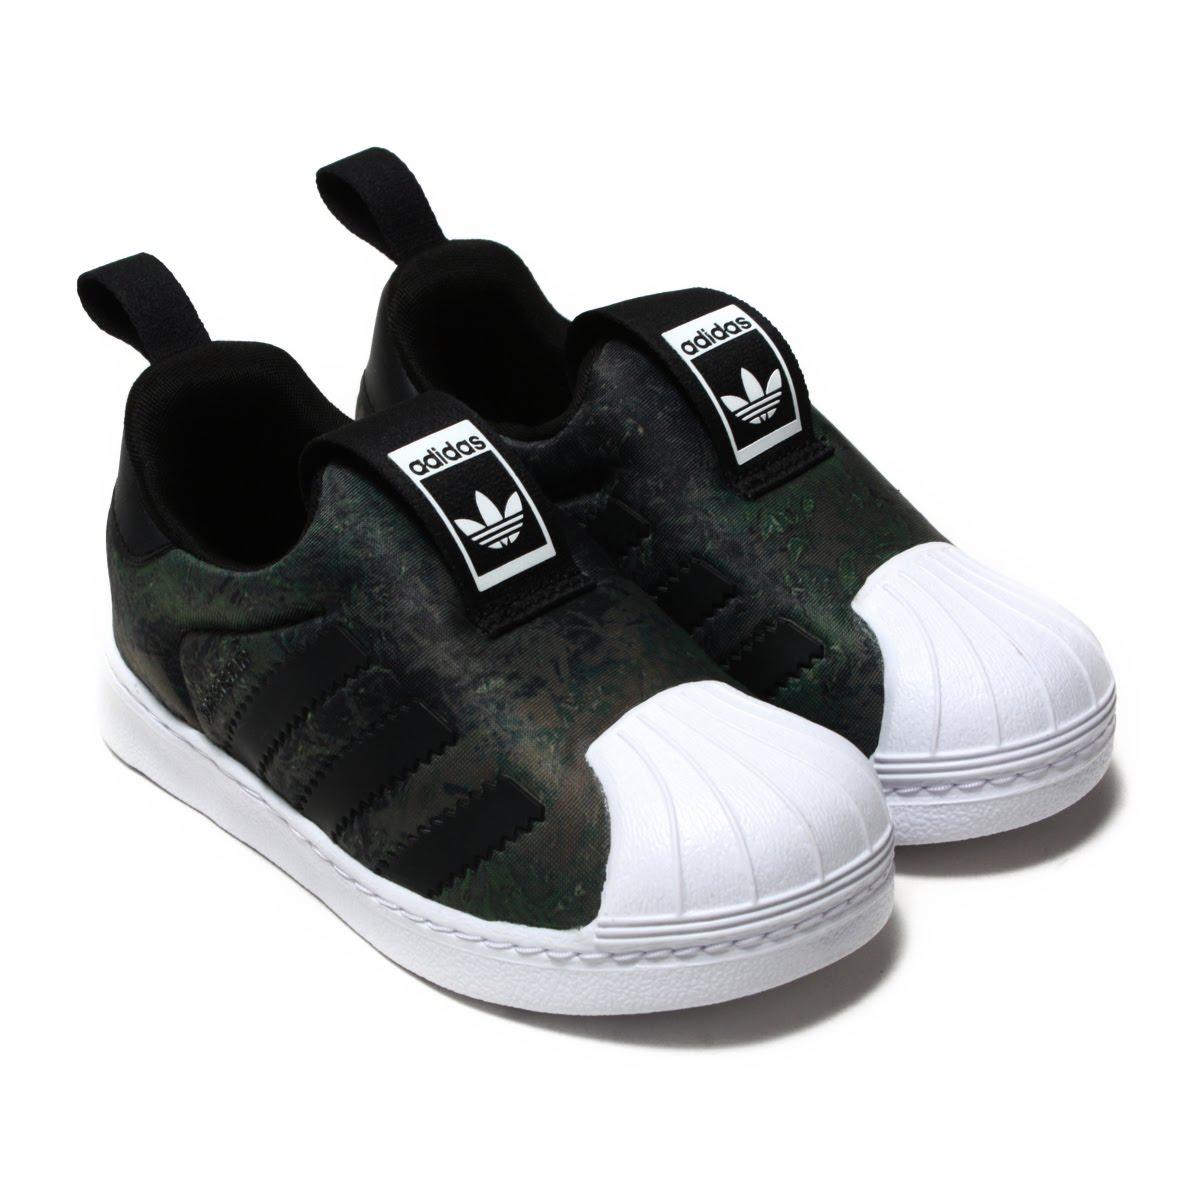 adidas Originals Superstar W Sneakers Core BlackCore BlackCore Black